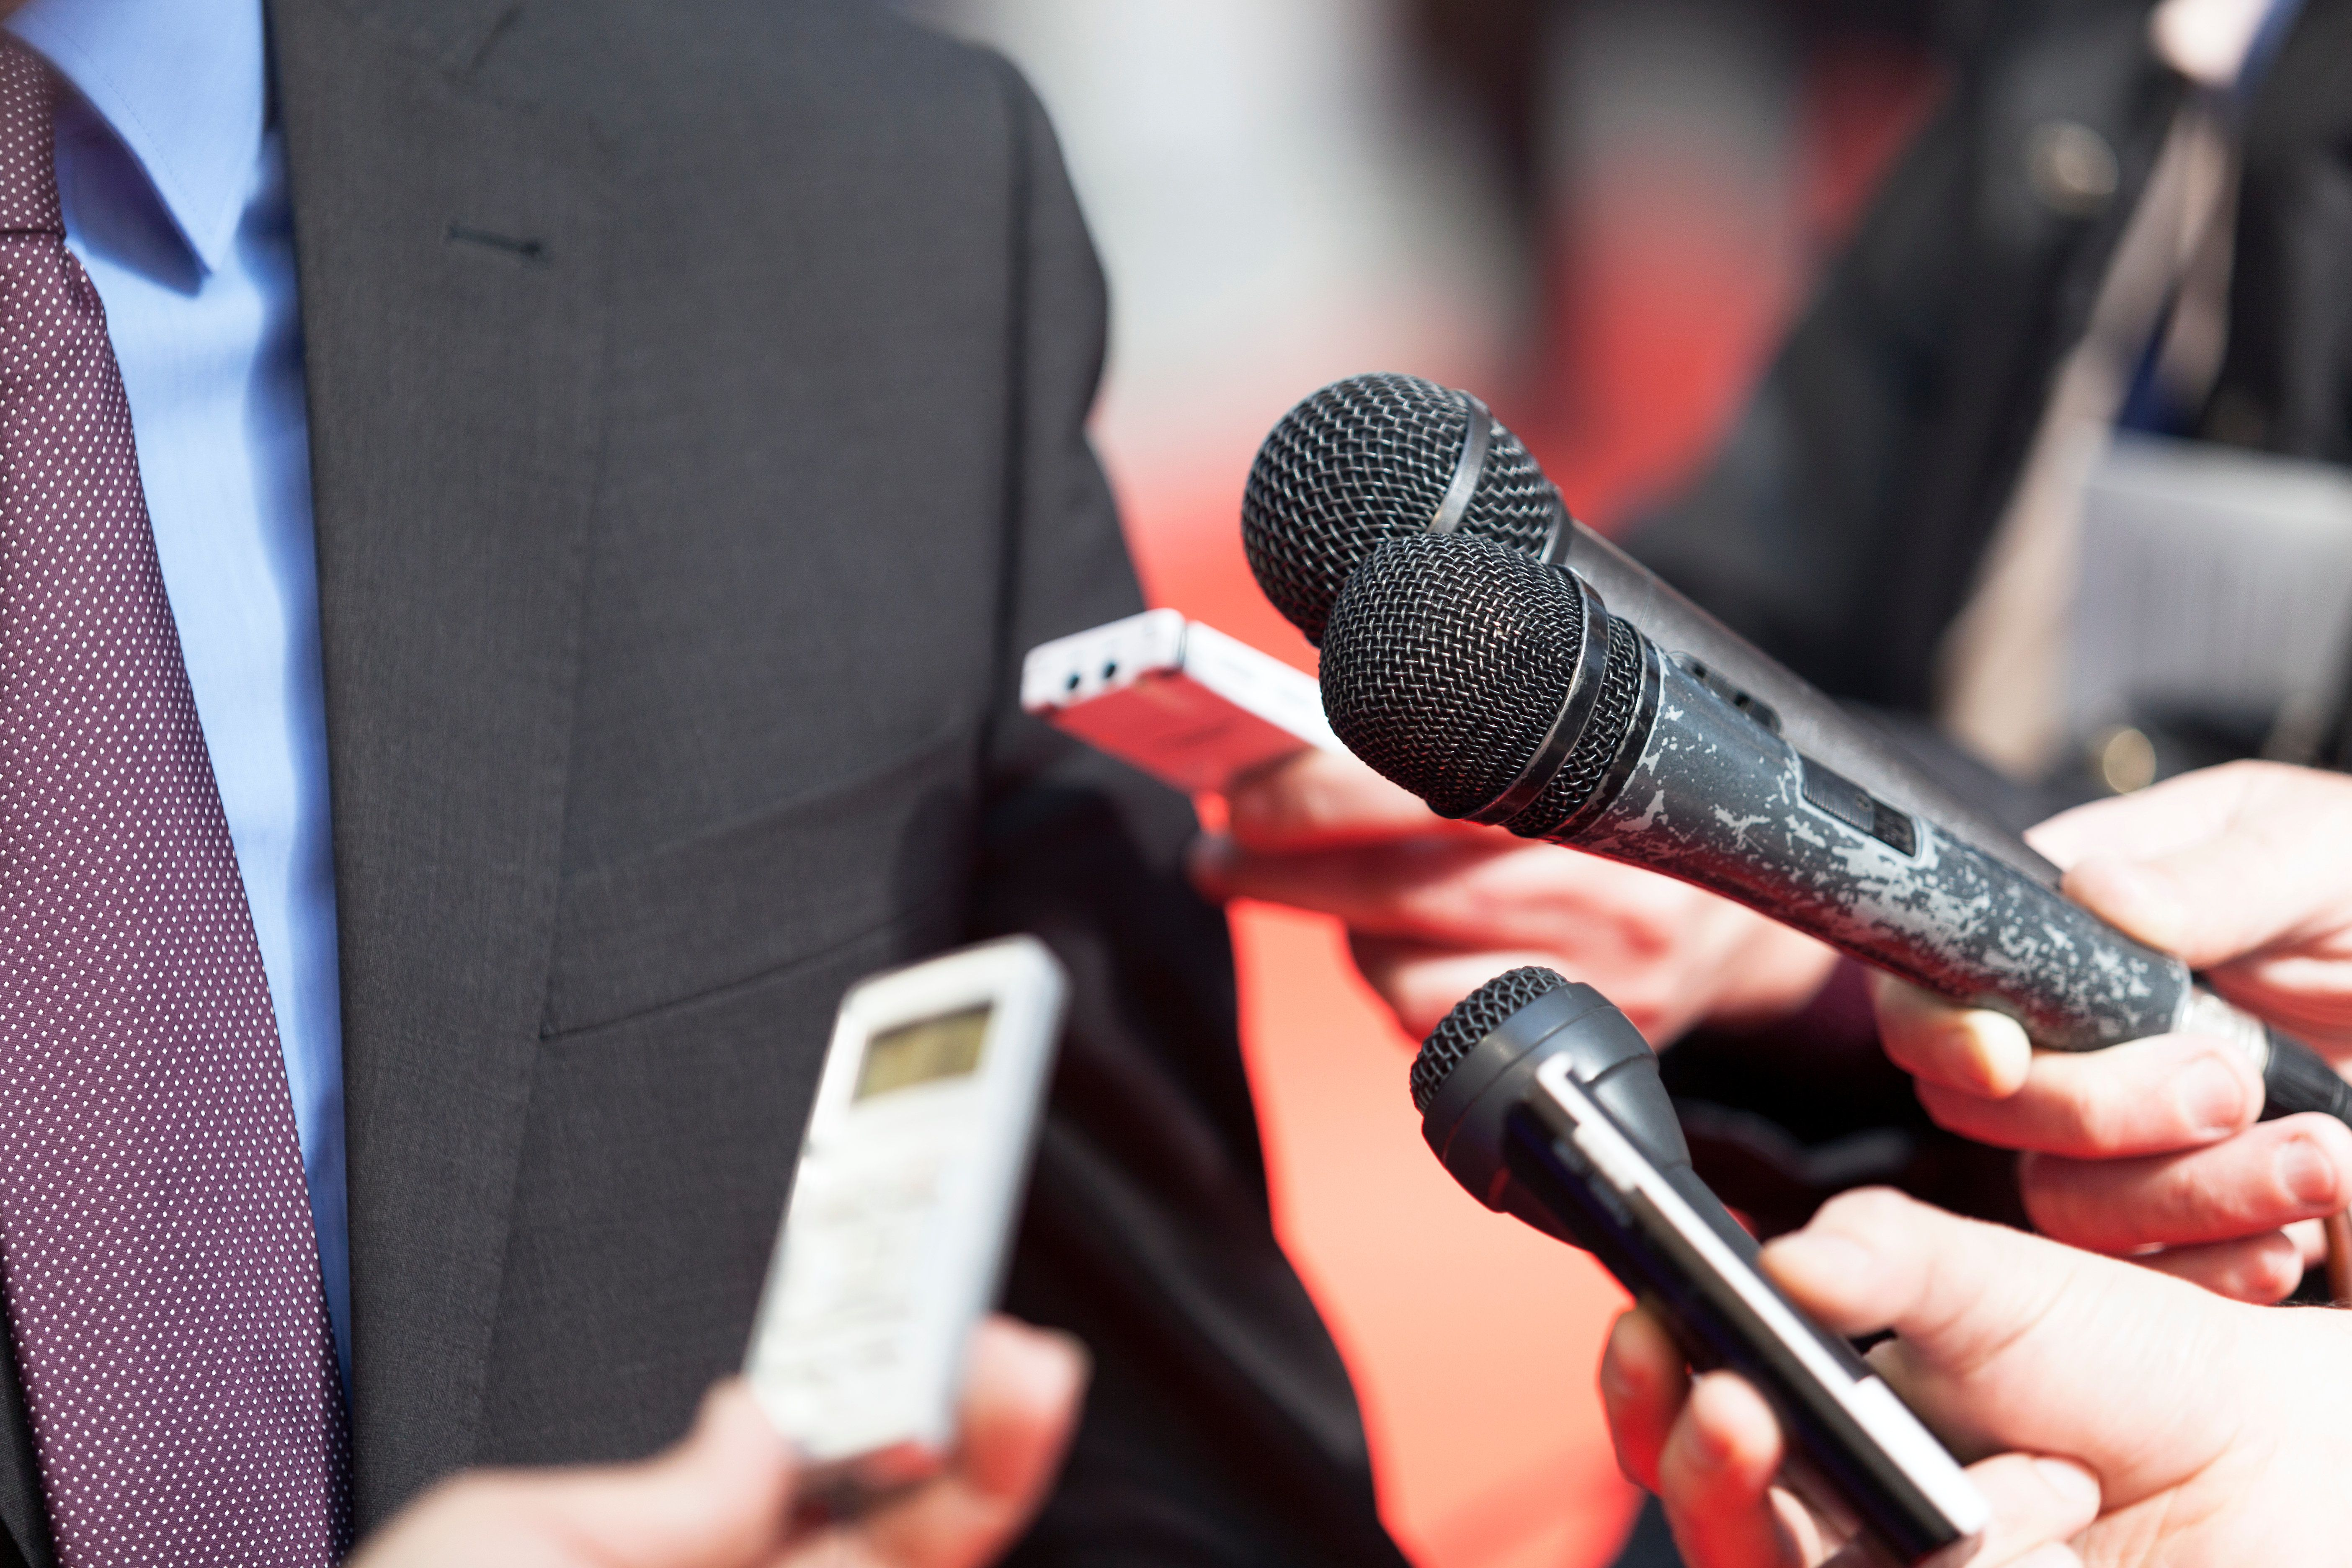 Critiquer les journalistes? Oui. Les mépriser? Non! Pour des rapports sereins avec les